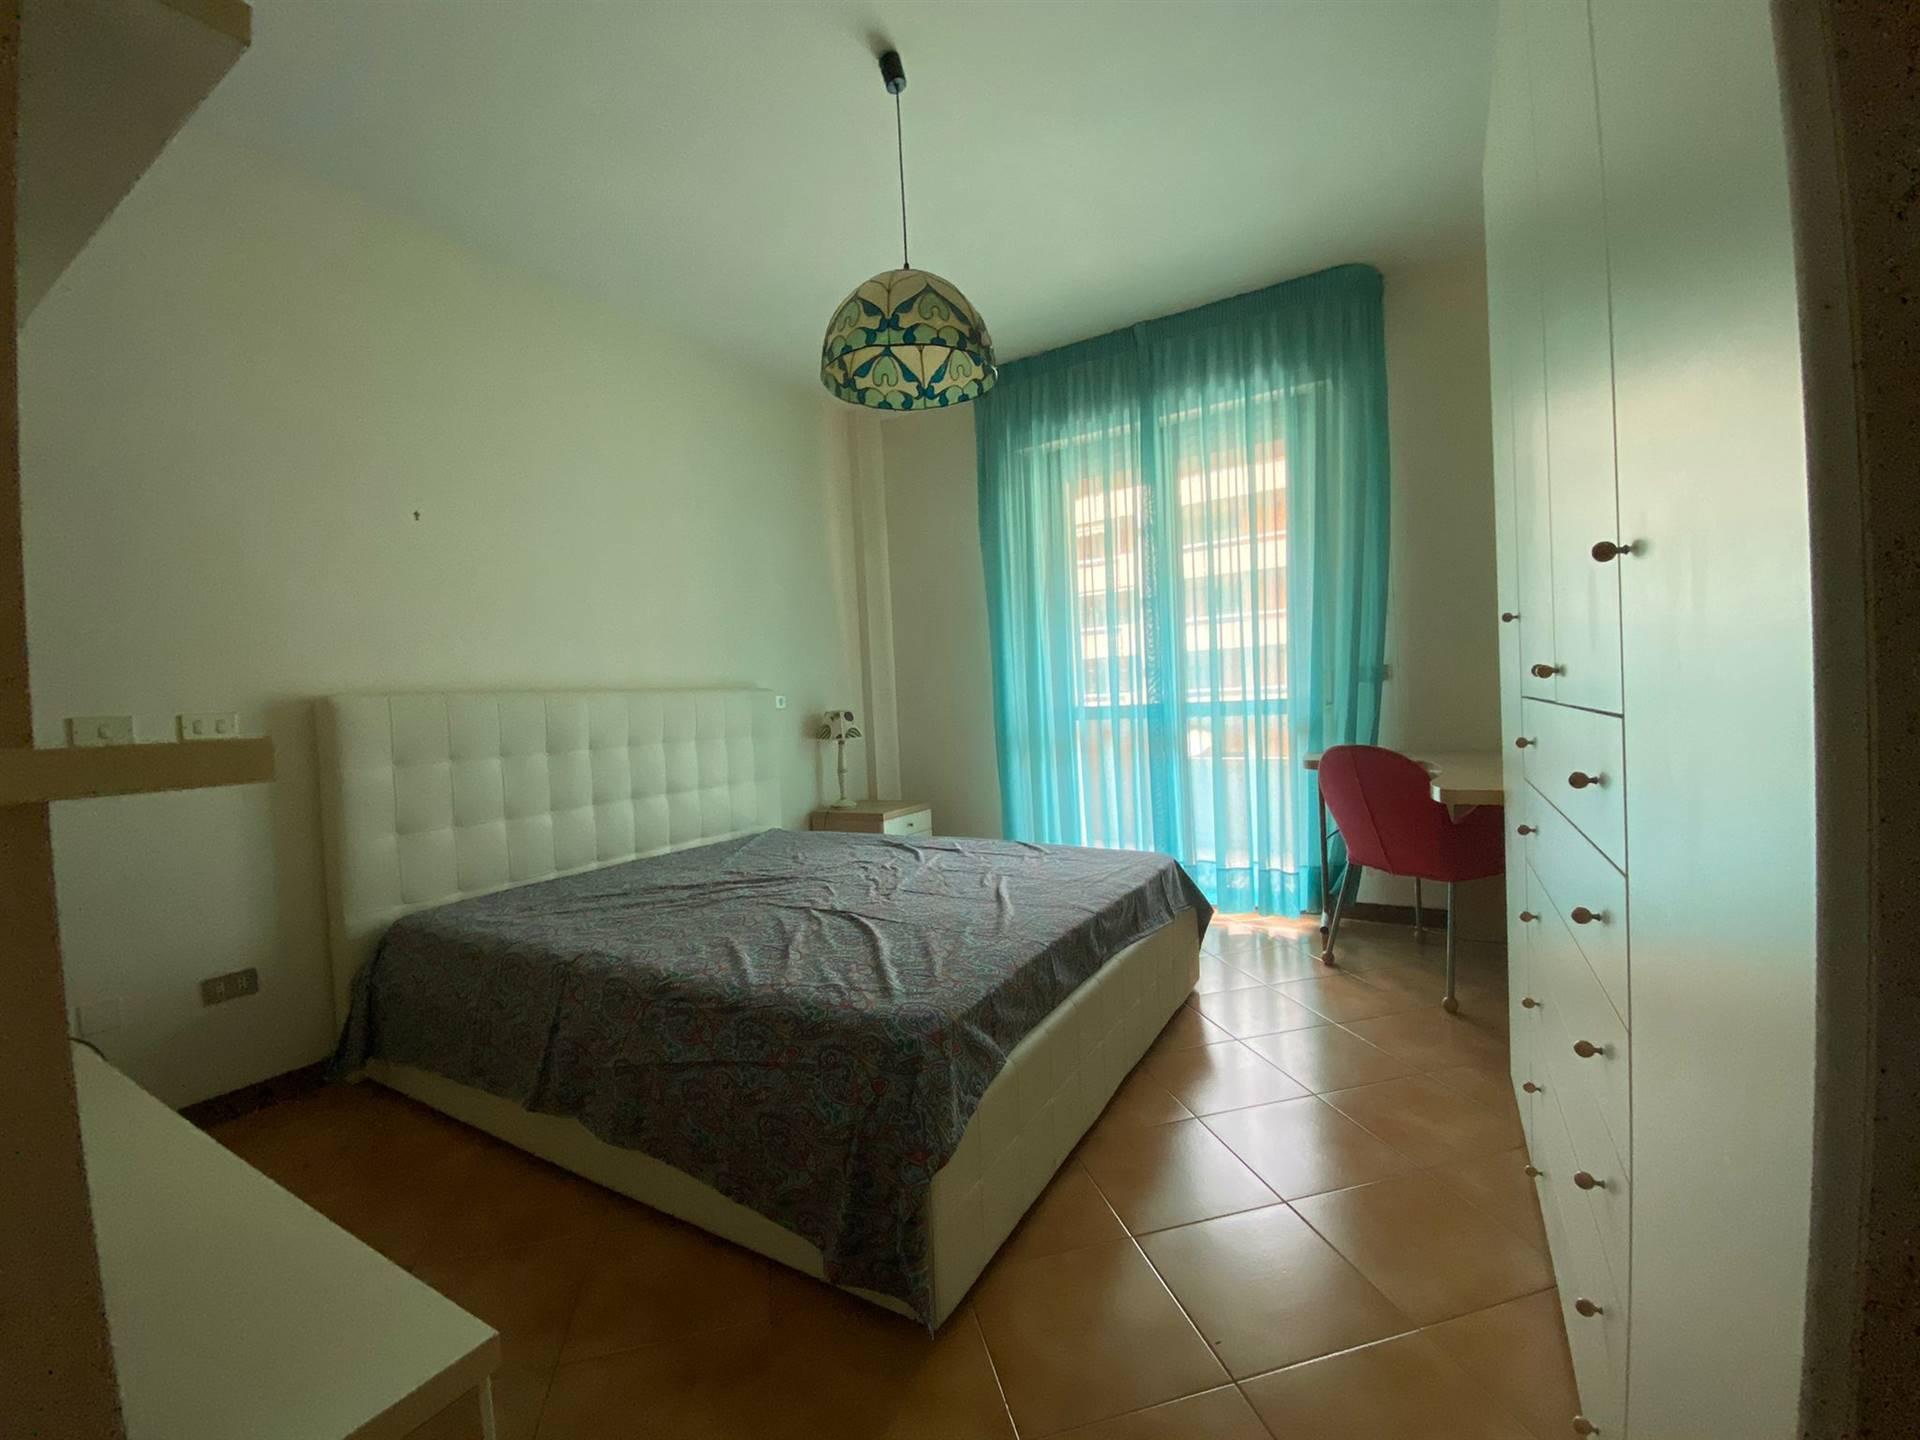 2704 FCMM VIALE DELLE PIAGGE: In una delle zone più belle di Pisa Appartamento in perfette condizioni e ben arredato. L'abitazione posta al secondo